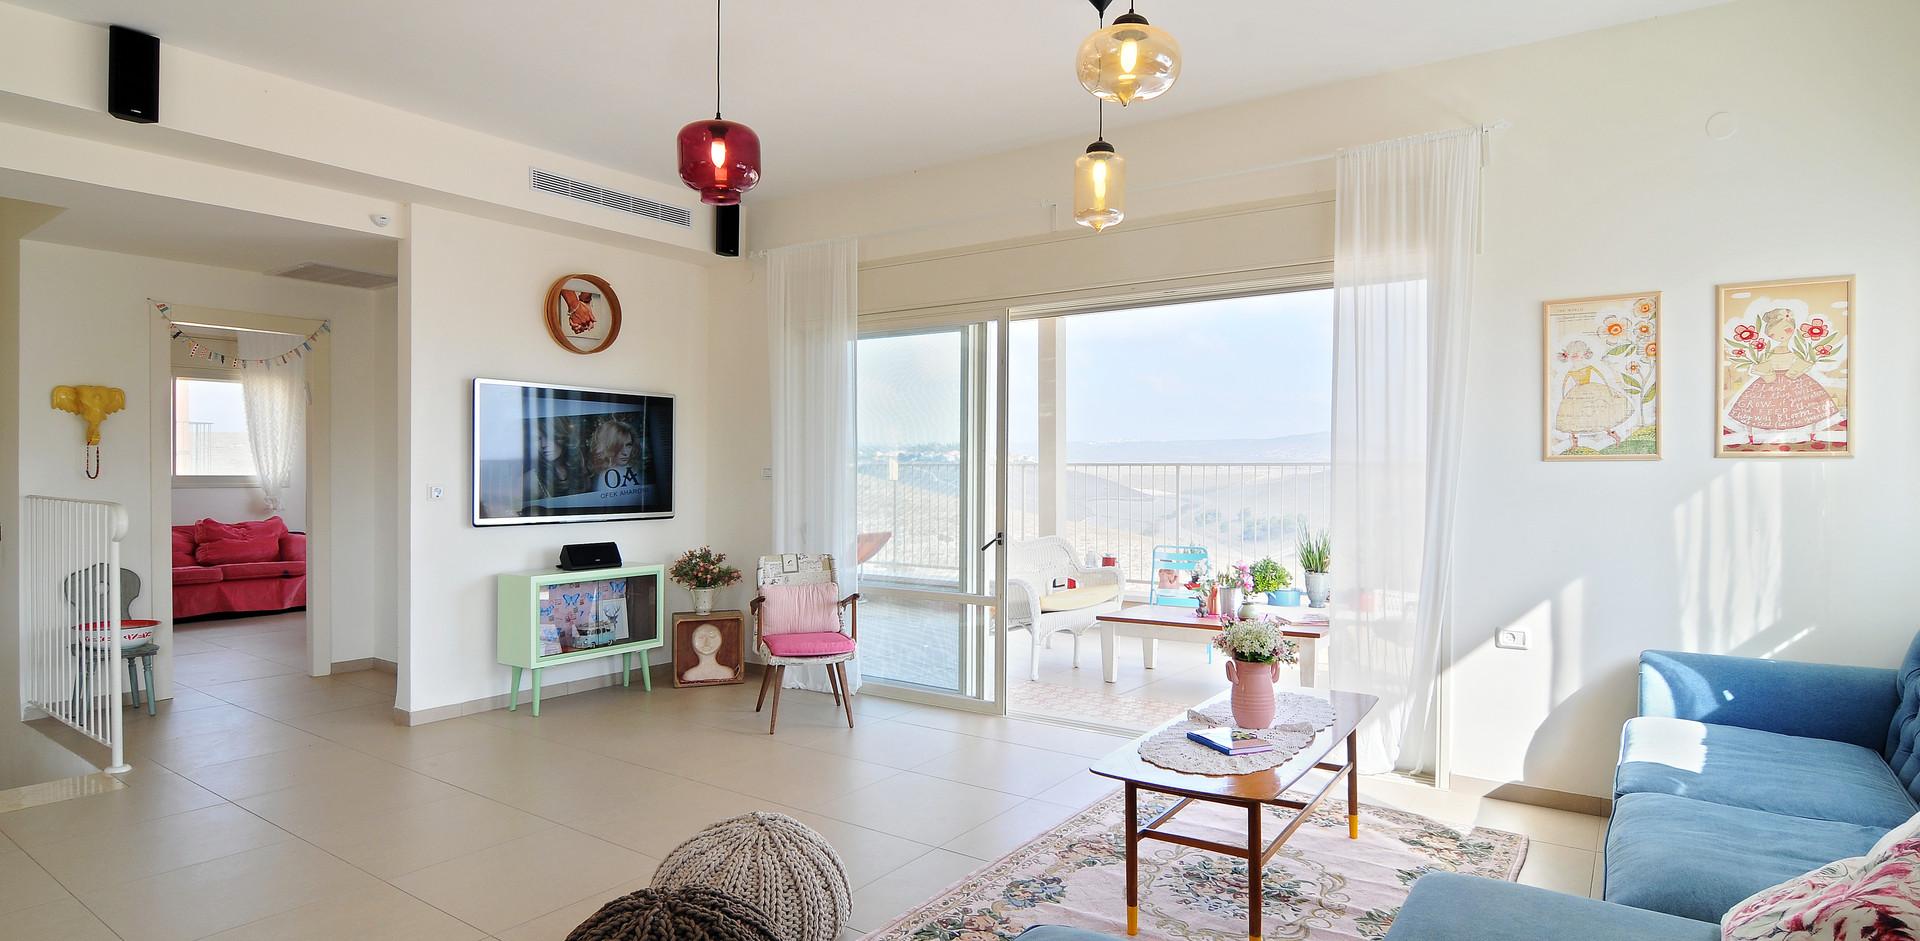 מבט למרפסת הבית , כמו גם לחדר המשפחה שנמצא בקרבת חלל המרכזי